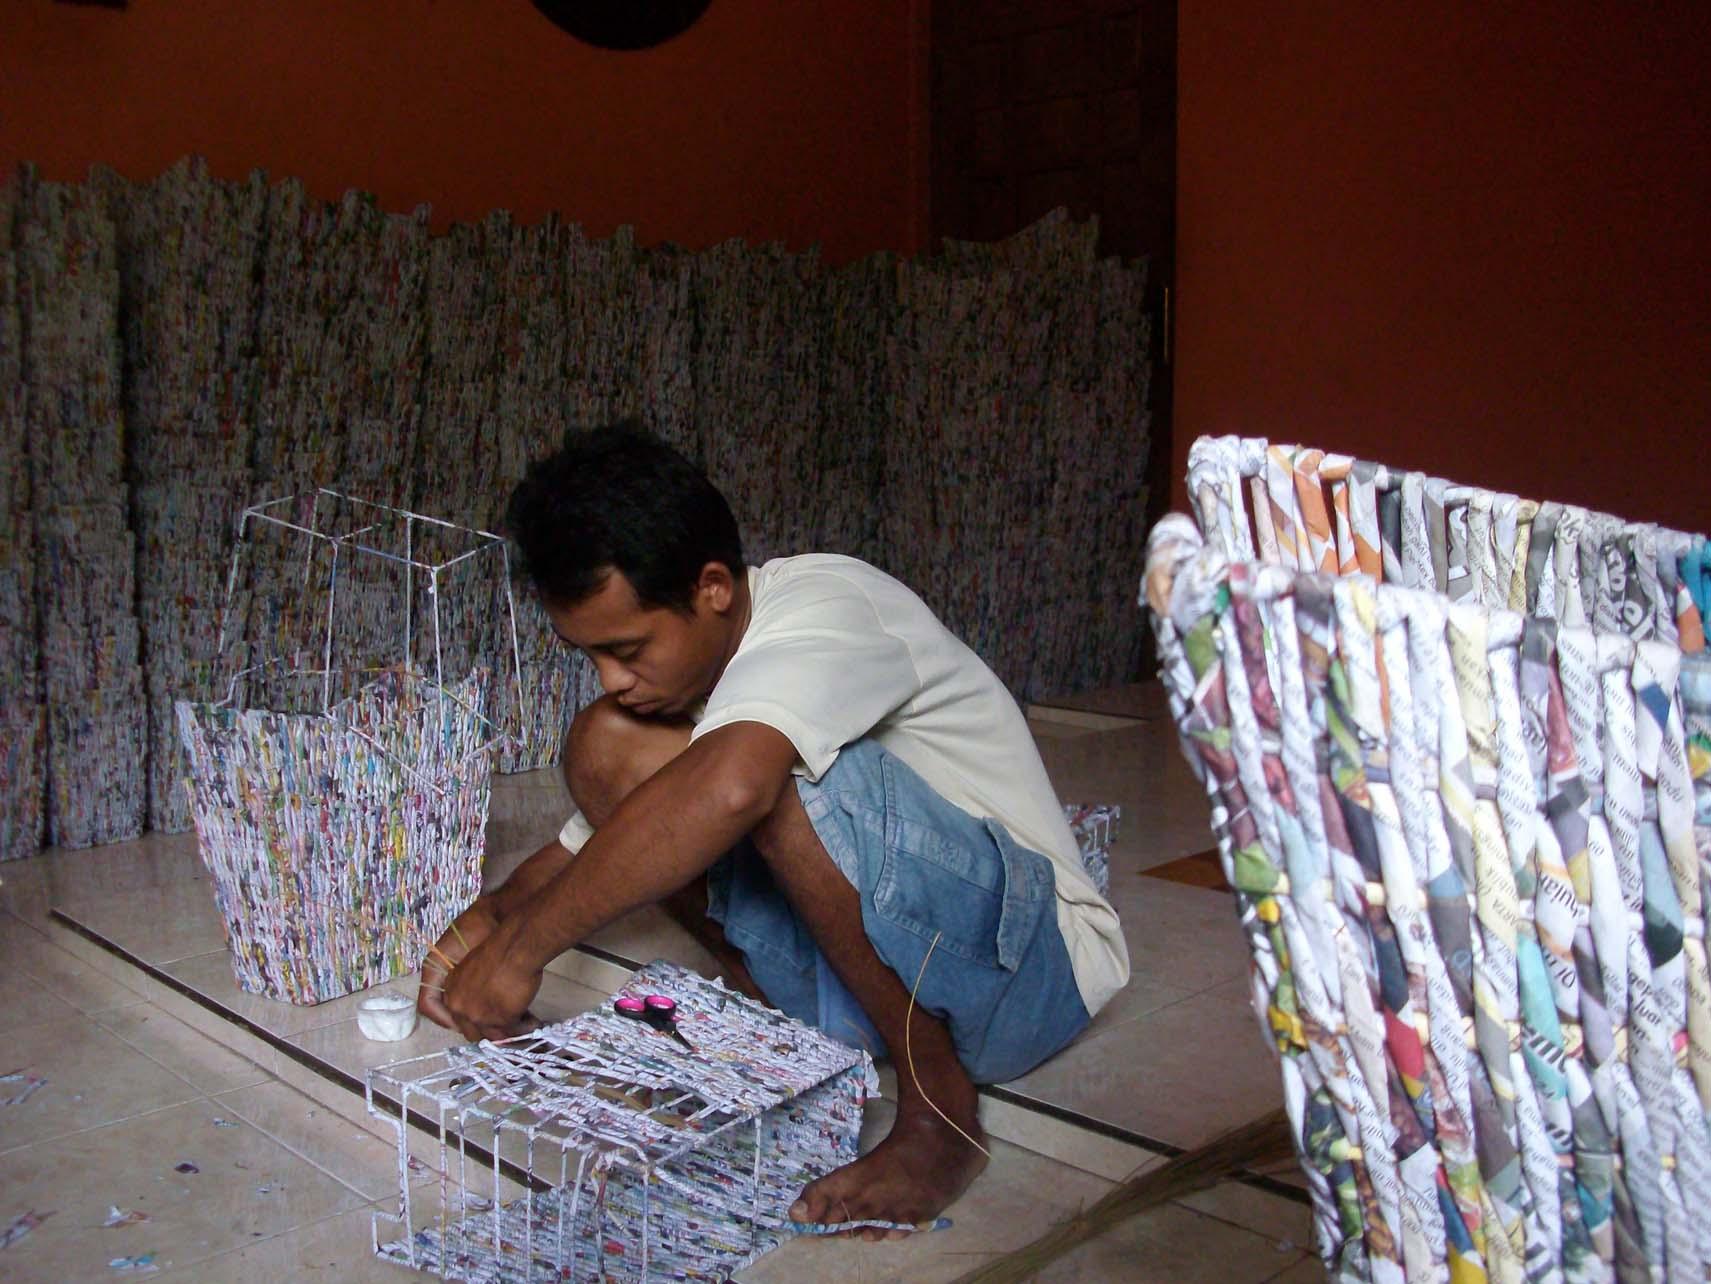 Kreasi : Kertas bekas tabloid dijadikan bahan kerajinan anyaman yang ...